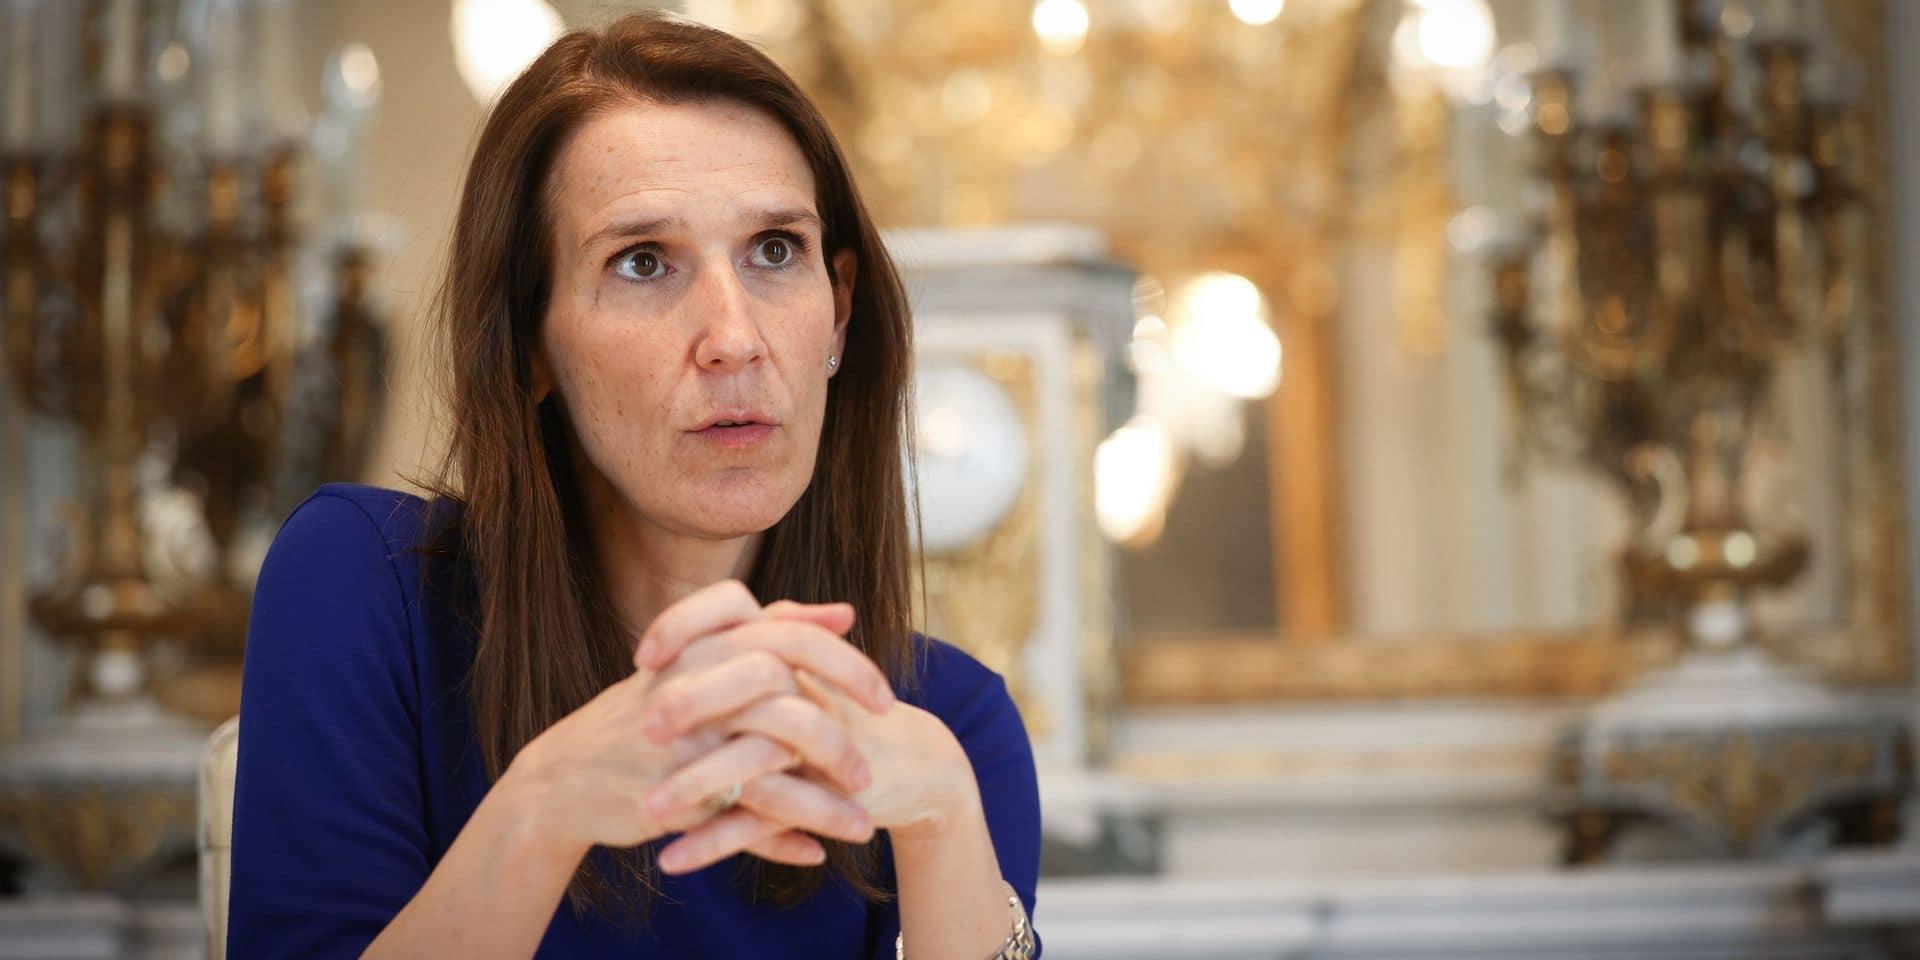 """Sophie Wilmès à La DH : """"Il y avait urgence à ouvrir les réunions avec les proches plus tôt que ce que les experts avaient prévu au départ"""""""